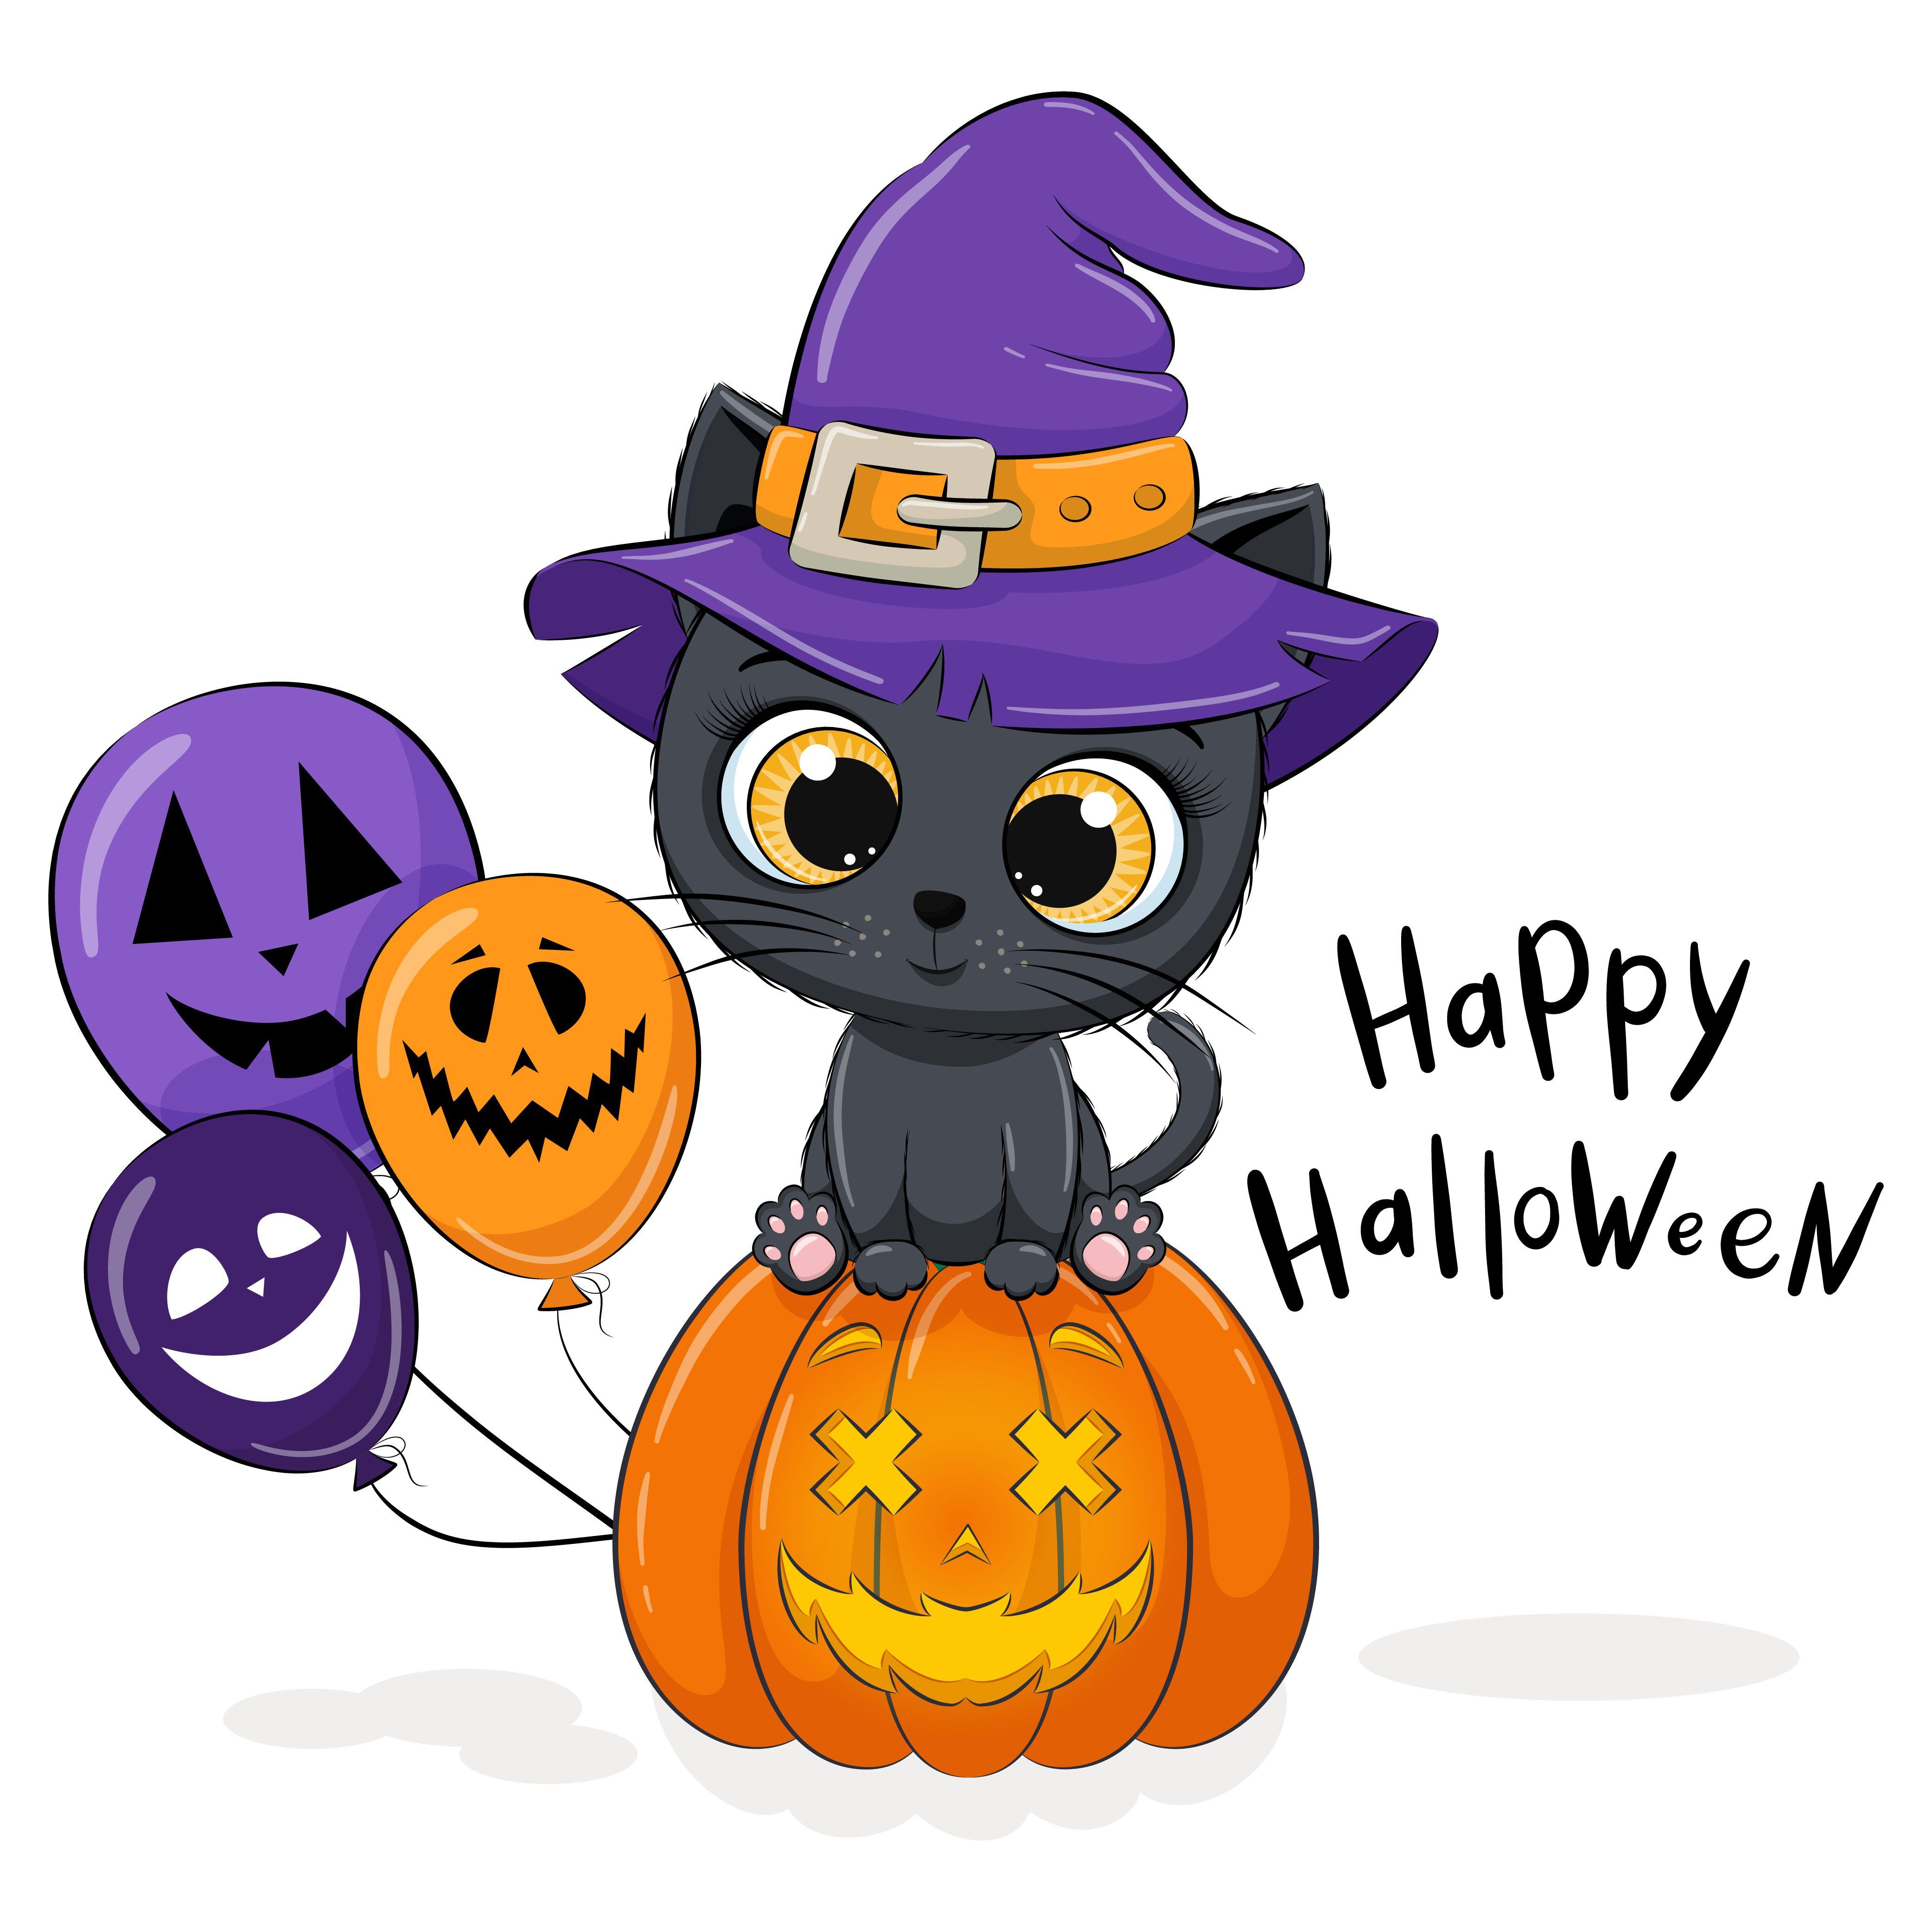 Cute Halloween Clipart Png Eps Jpeg Kitten Clipart Pumpkin Clipart Halloween Clipart Halloween Cartoons Halloween Kids